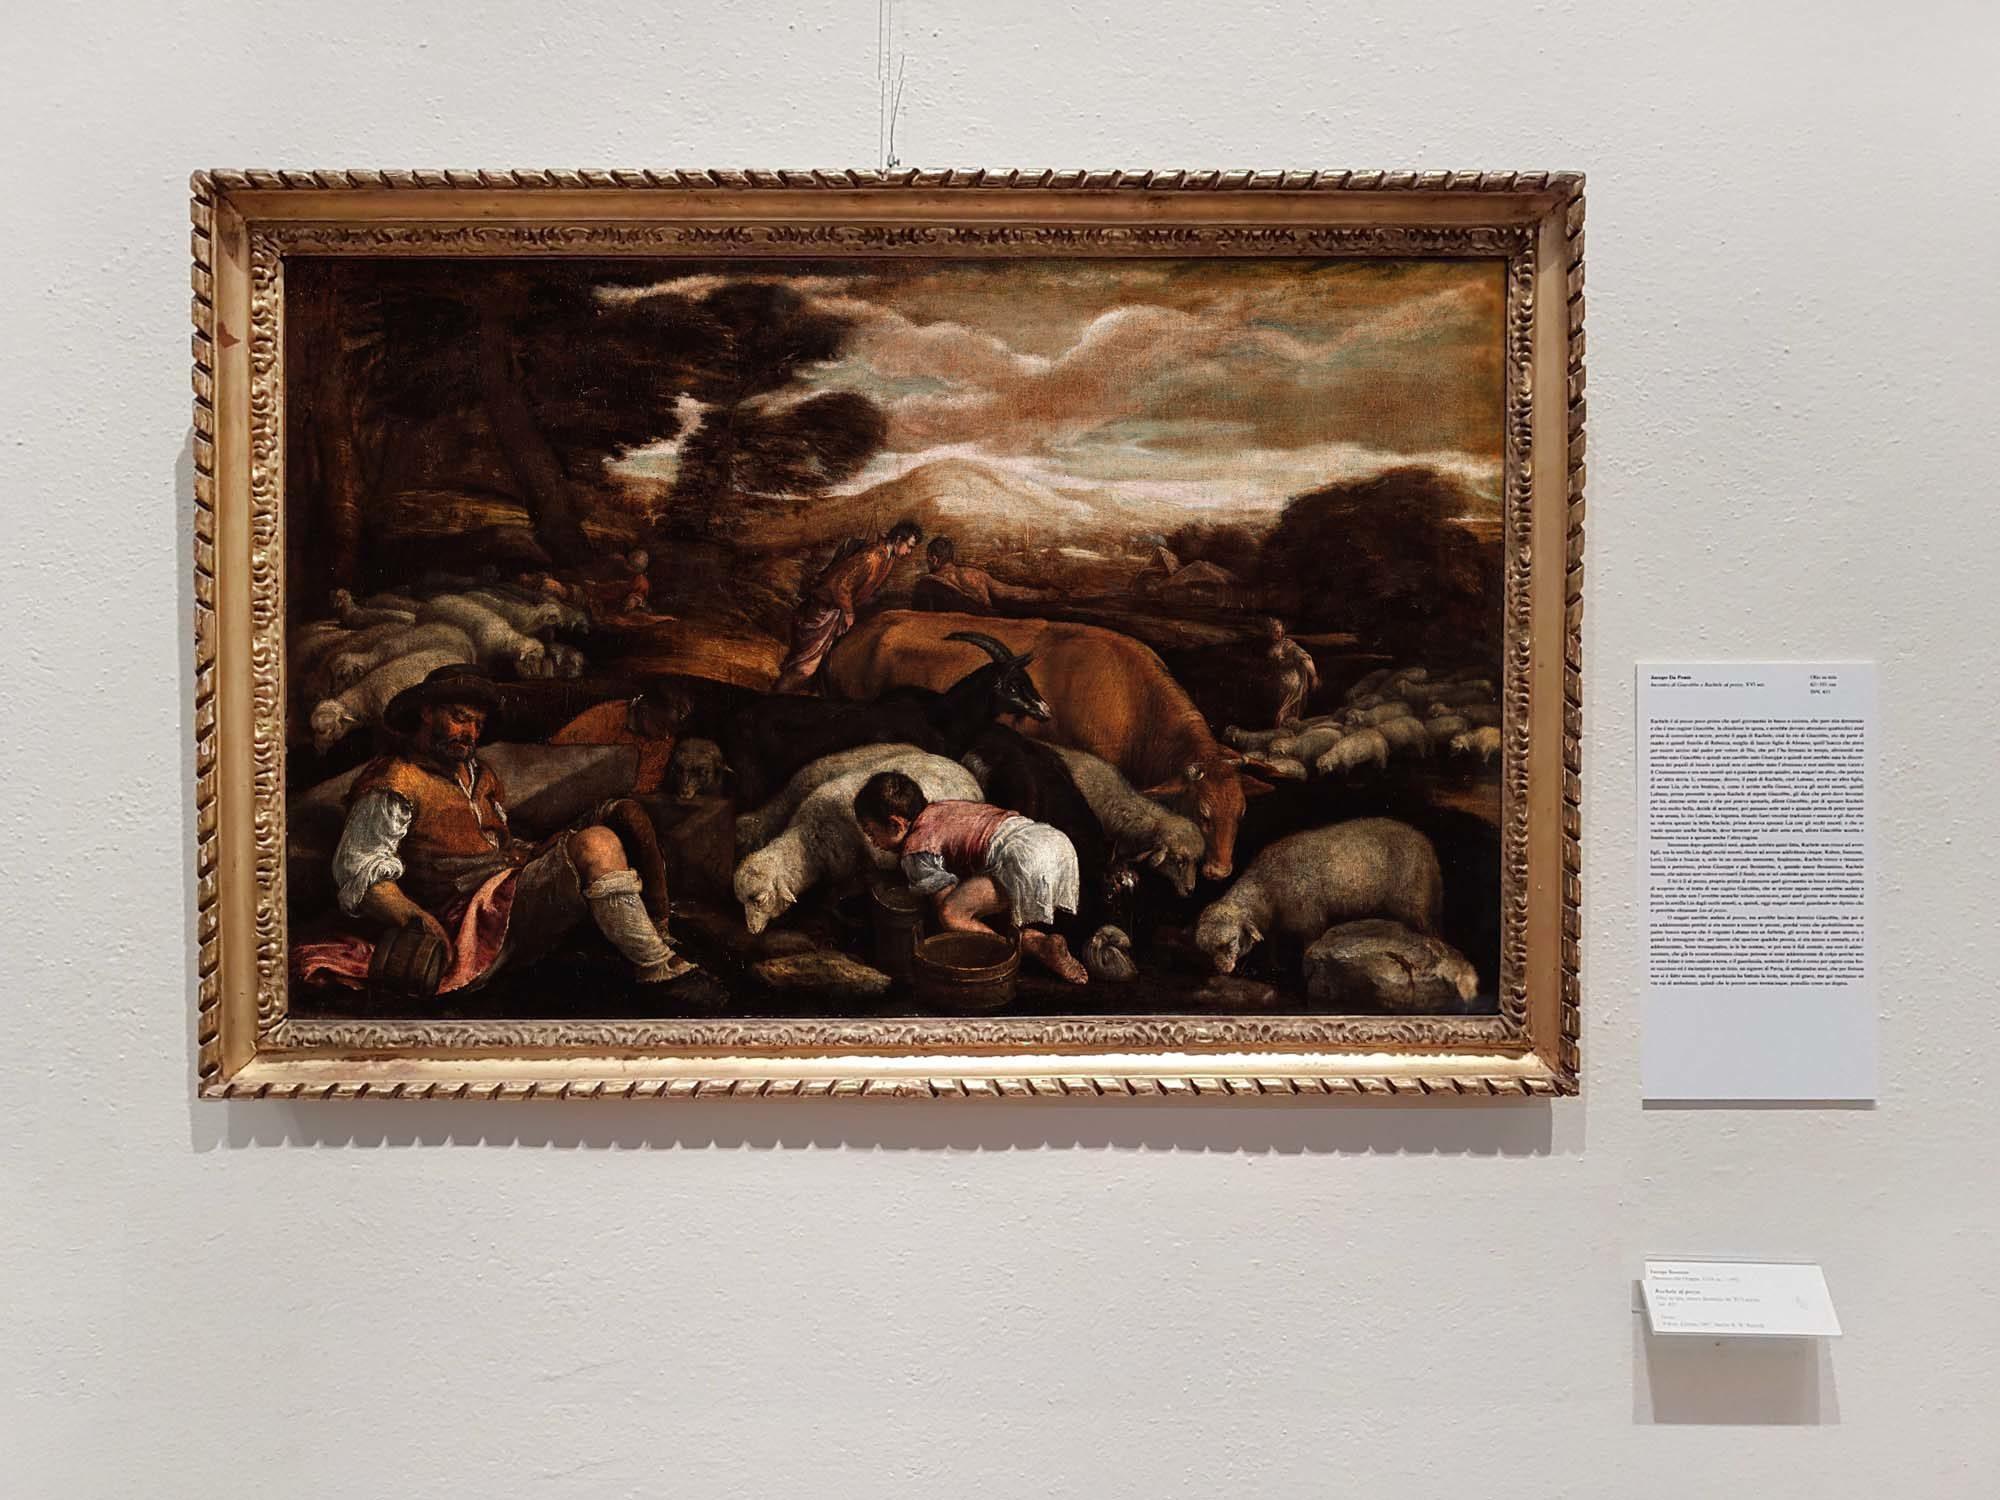 Antonio Guiotto, Senza titolo con didascalia, 2019, Museo Civico, Bassano d.G, vista della mostra